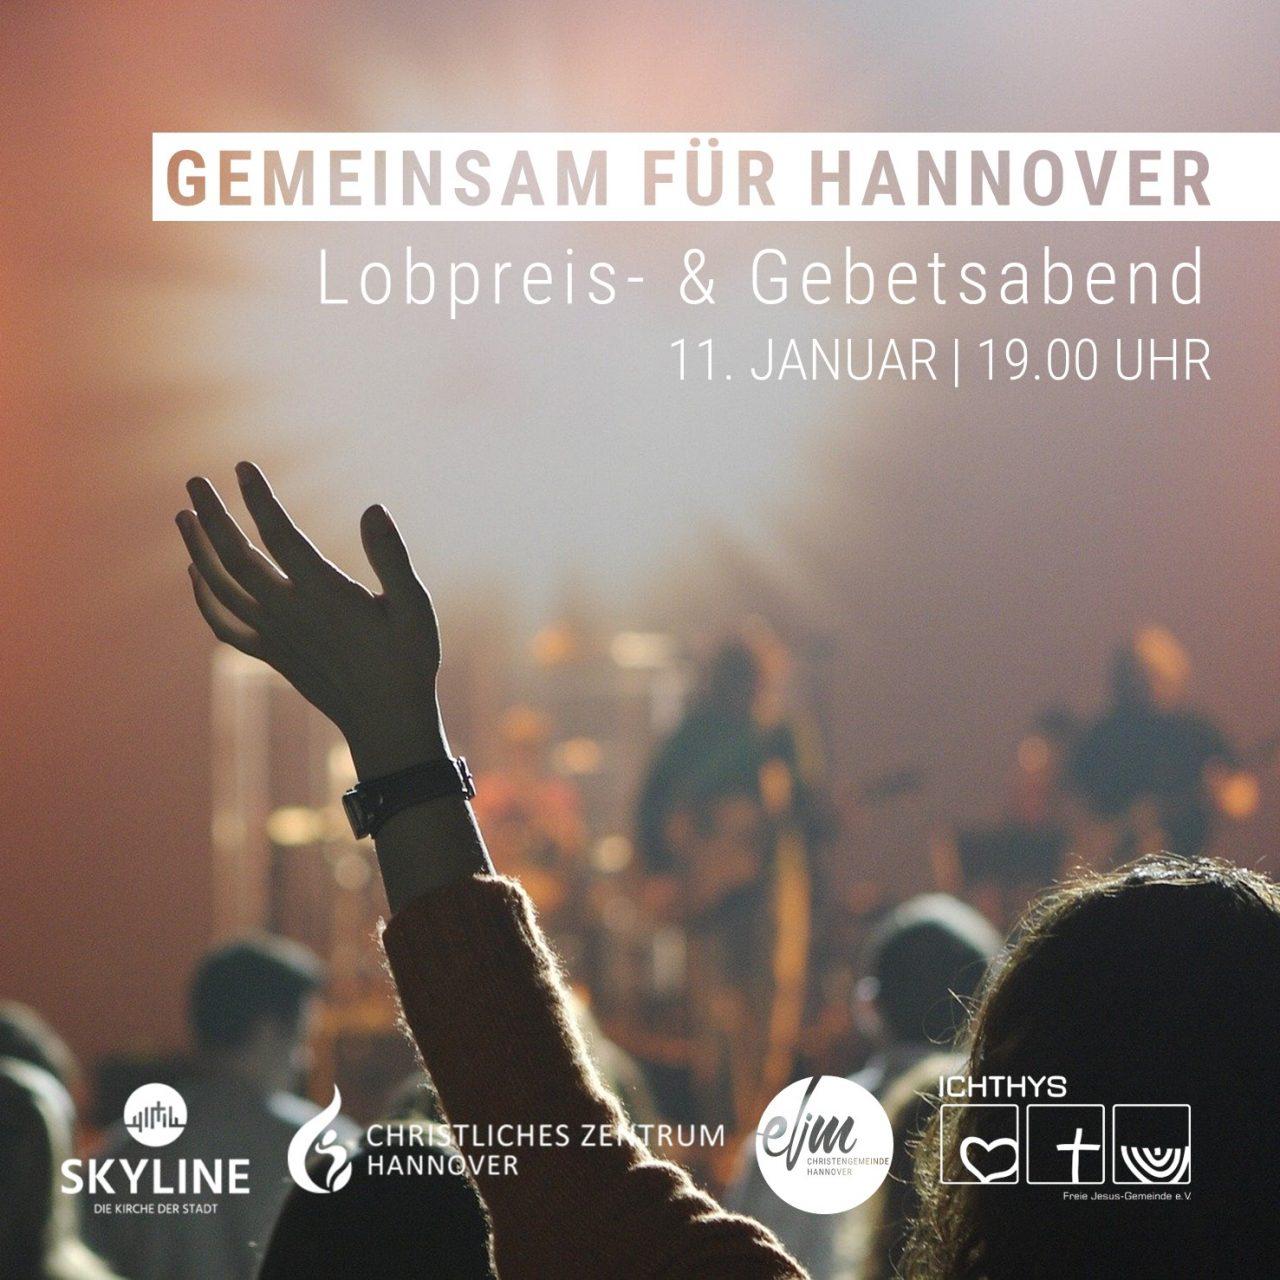 Gemeinsam für Hannover: Lobpreis- & Gebetsabend in der